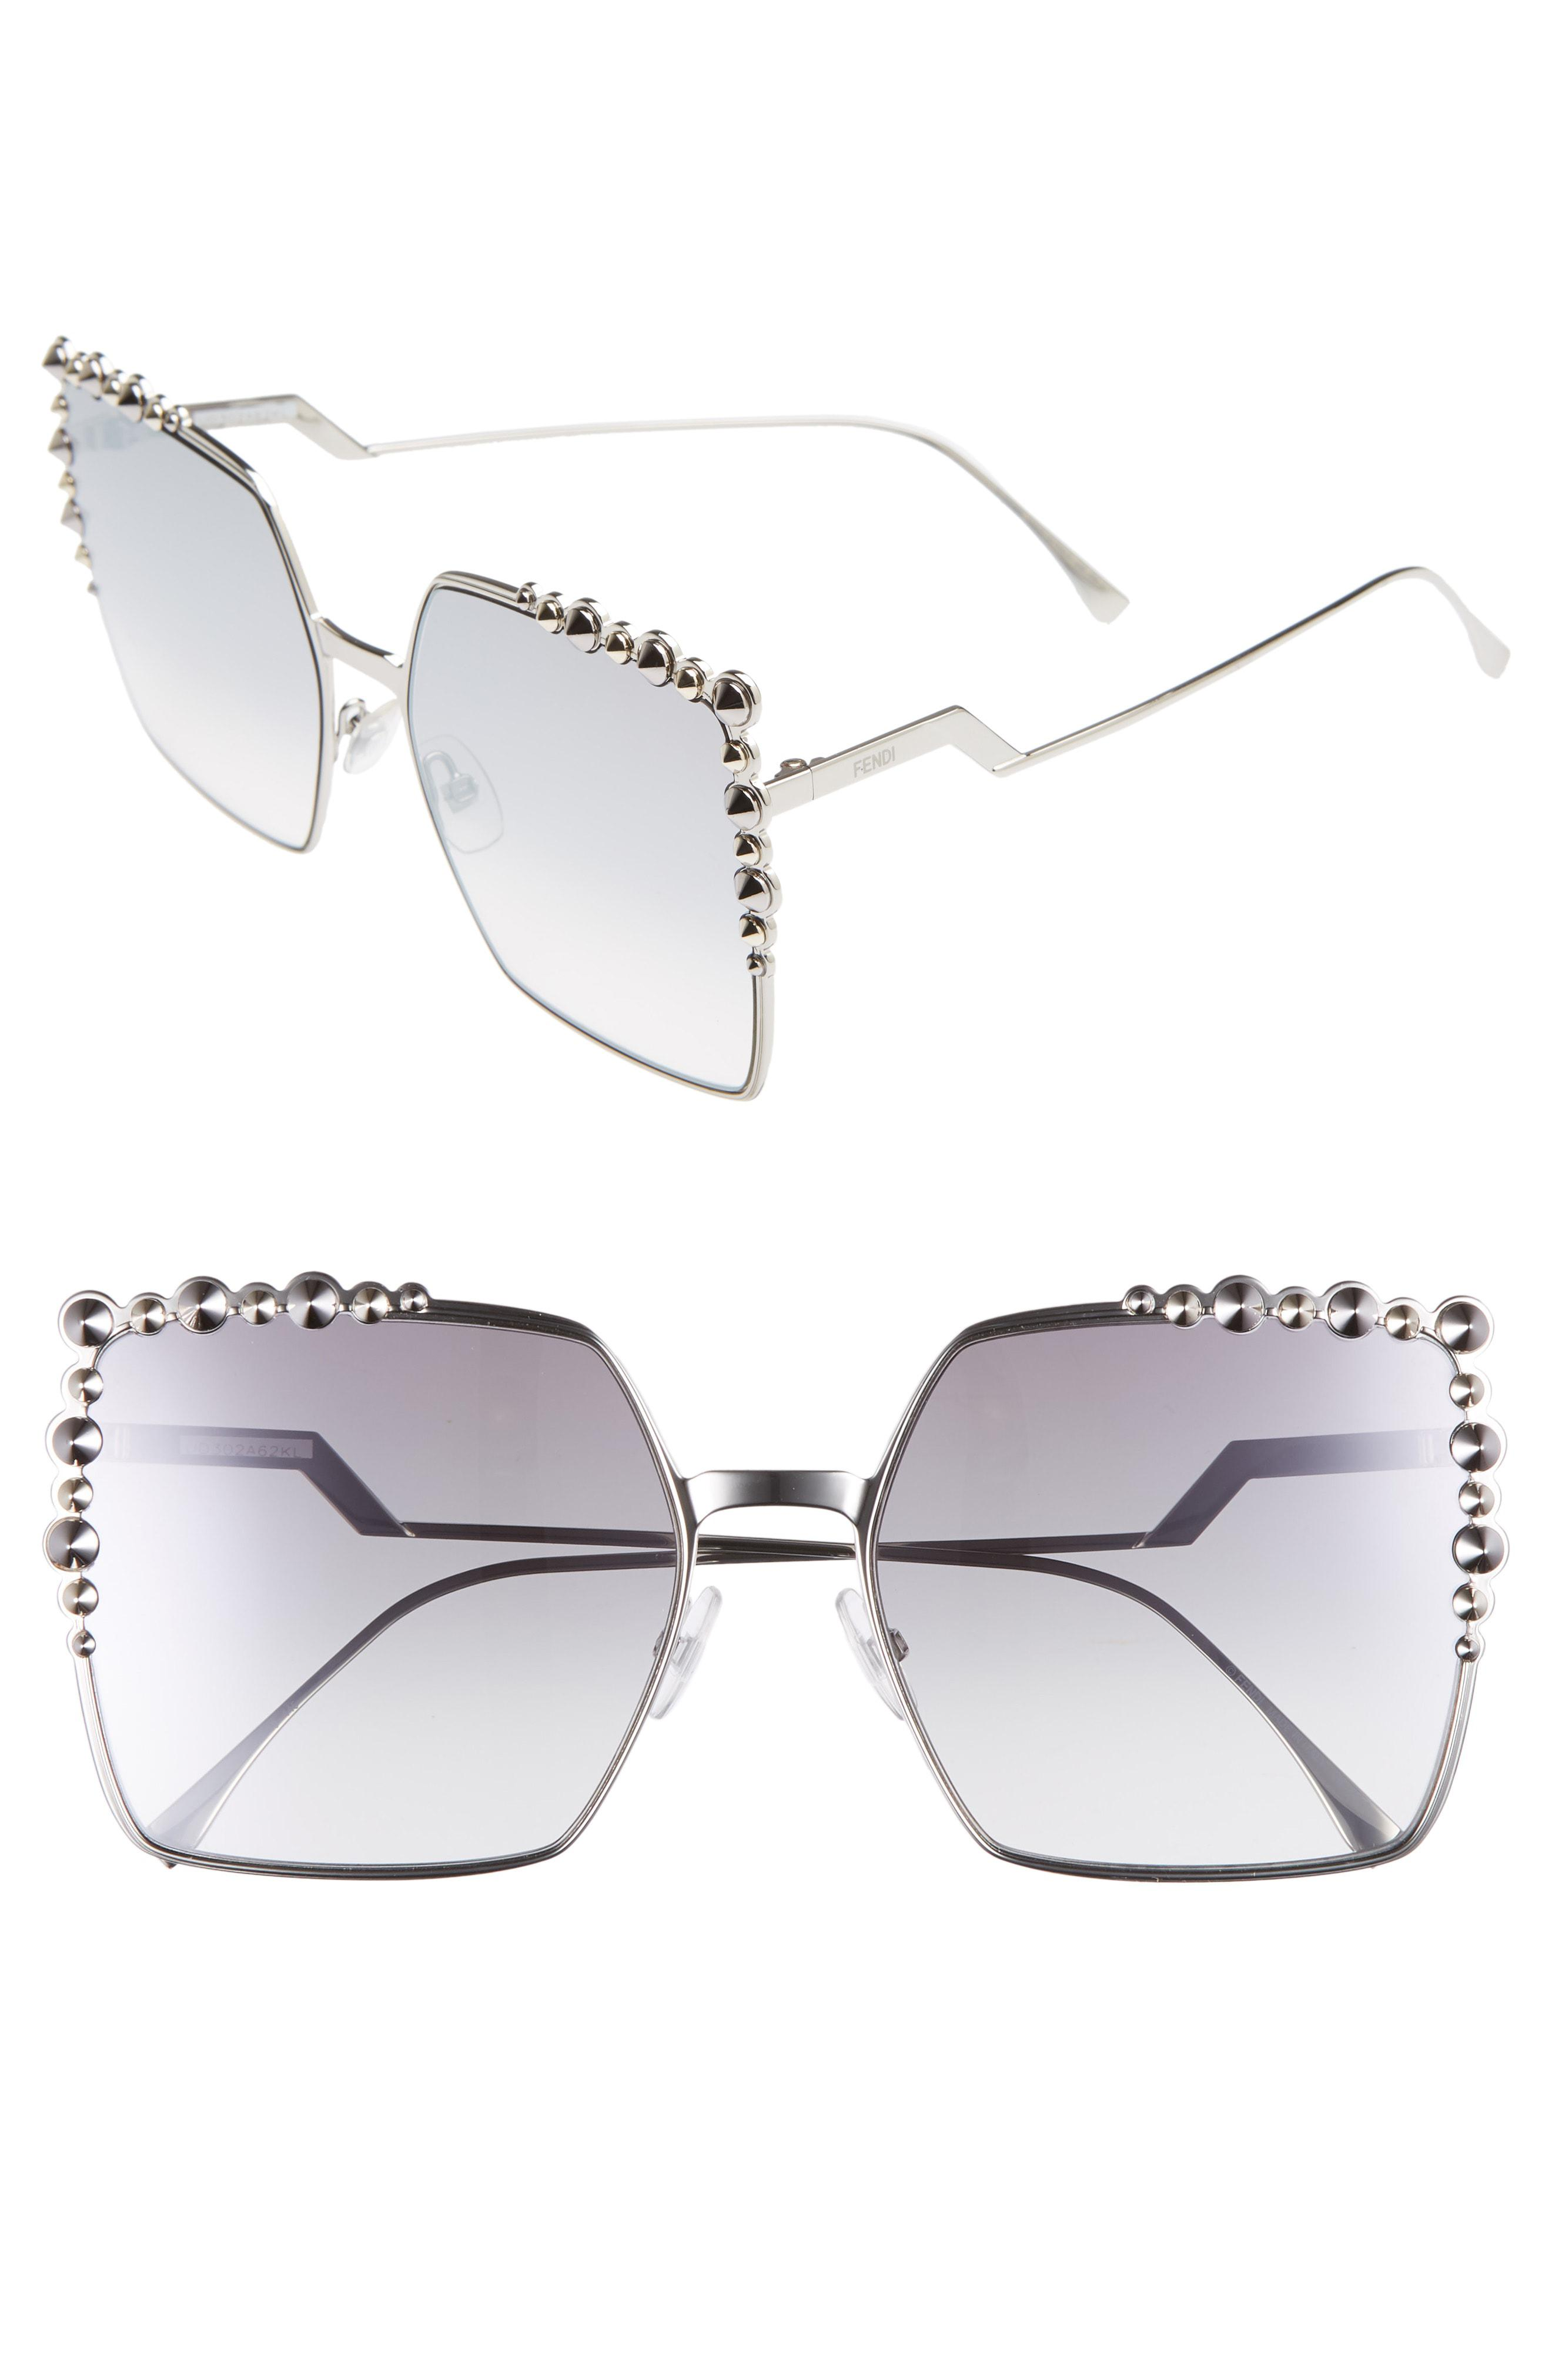 strona internetowa ze zniżką nowy produkt oficjalny dostawca Women's Black 60mm Gradient Square Cat Eye Sunglasses